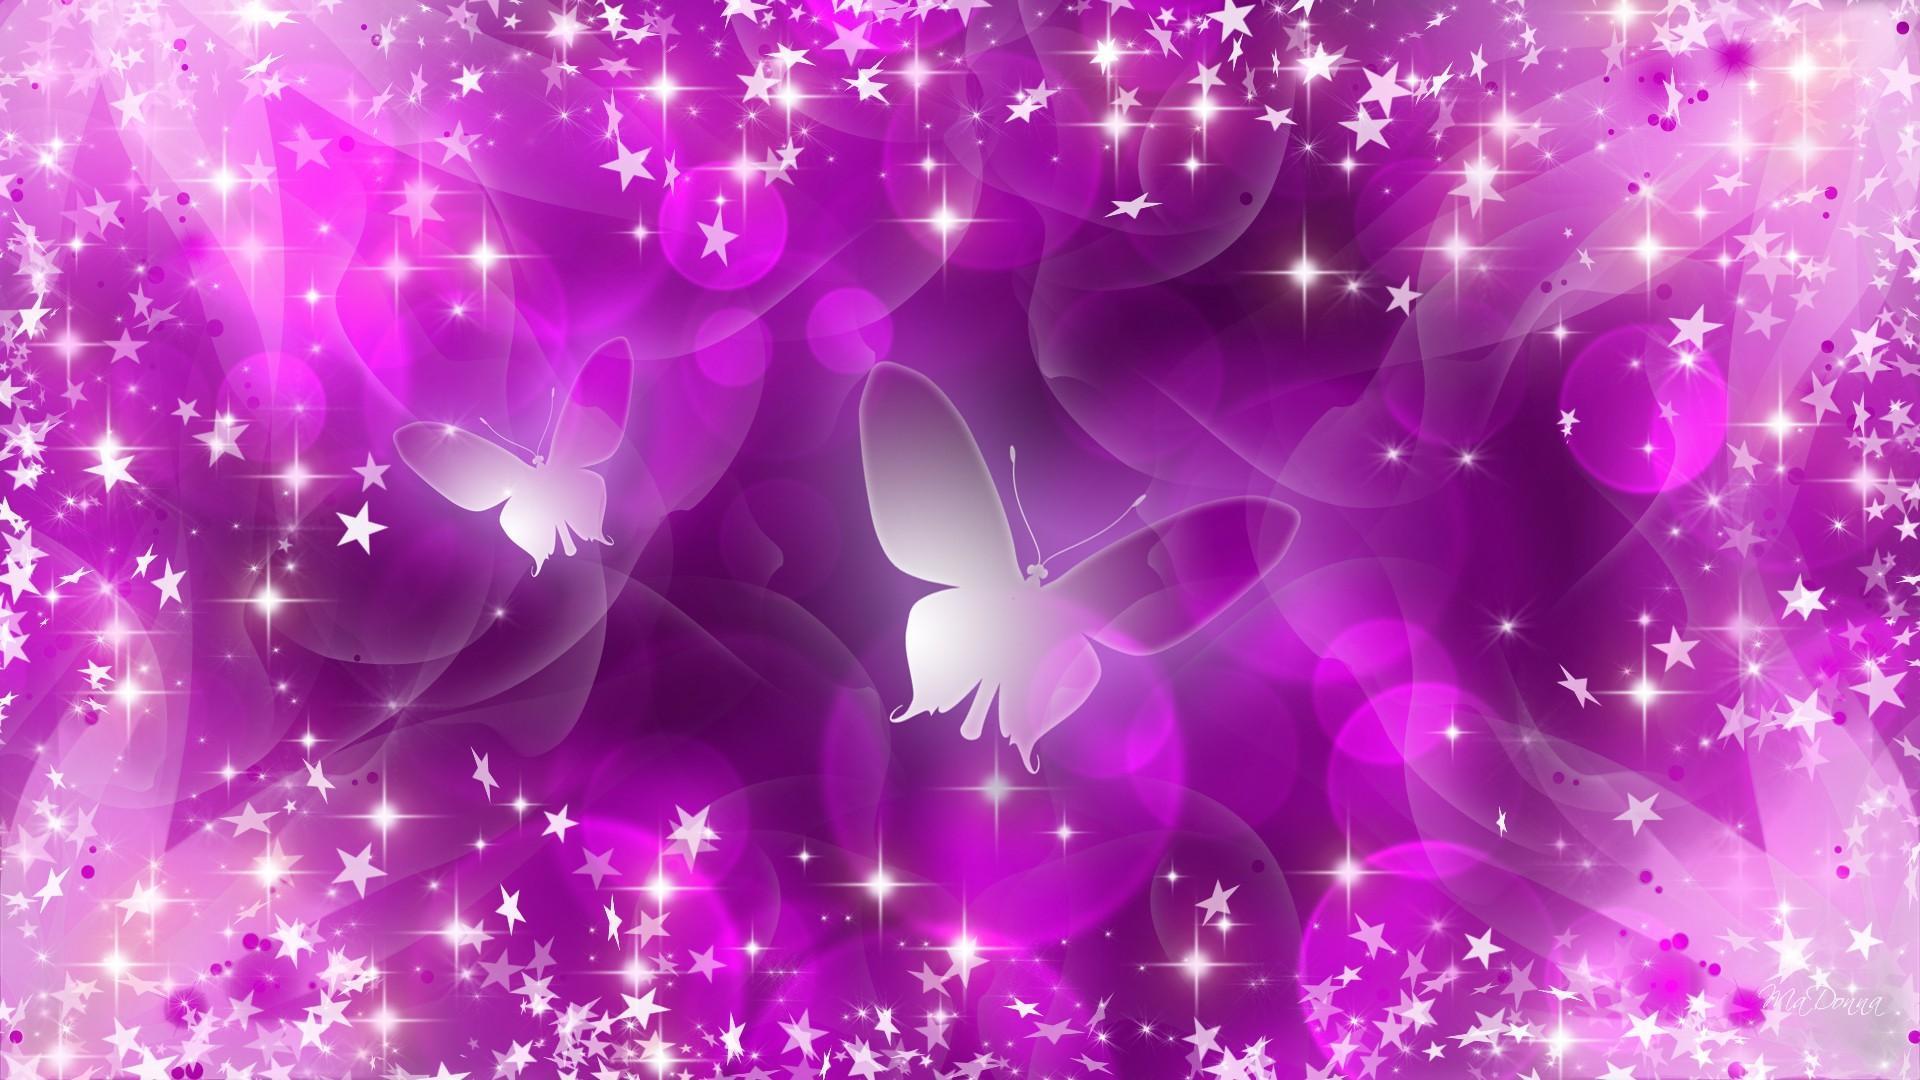 Purple Glitter Butterfly Wallpapers - Top Free Purple ...